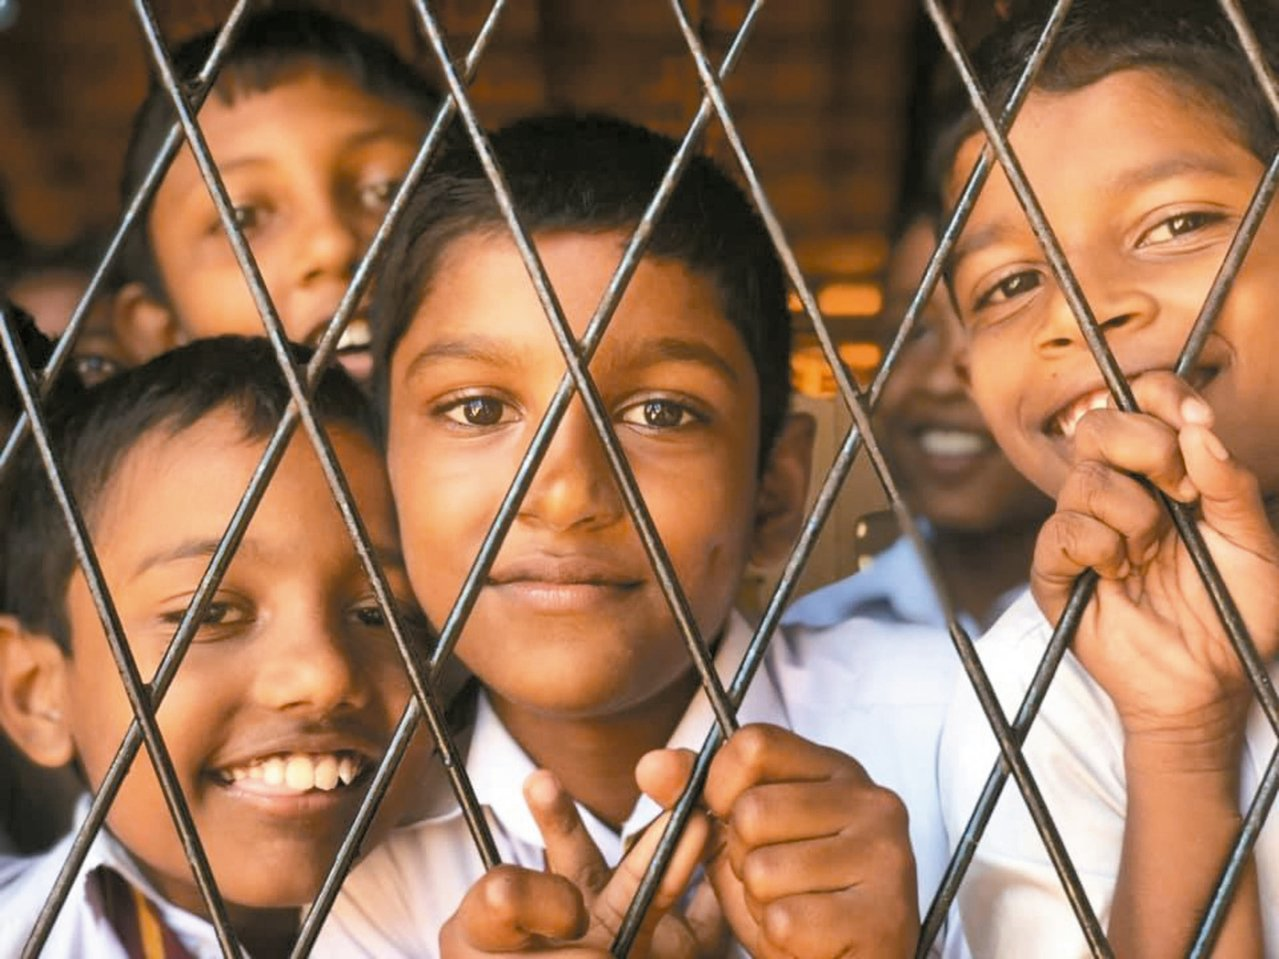 斯里蘭卡鄉下的小學,小朋友熱情的與我們打招呼!純真的笑容,此起彼落的hello…...